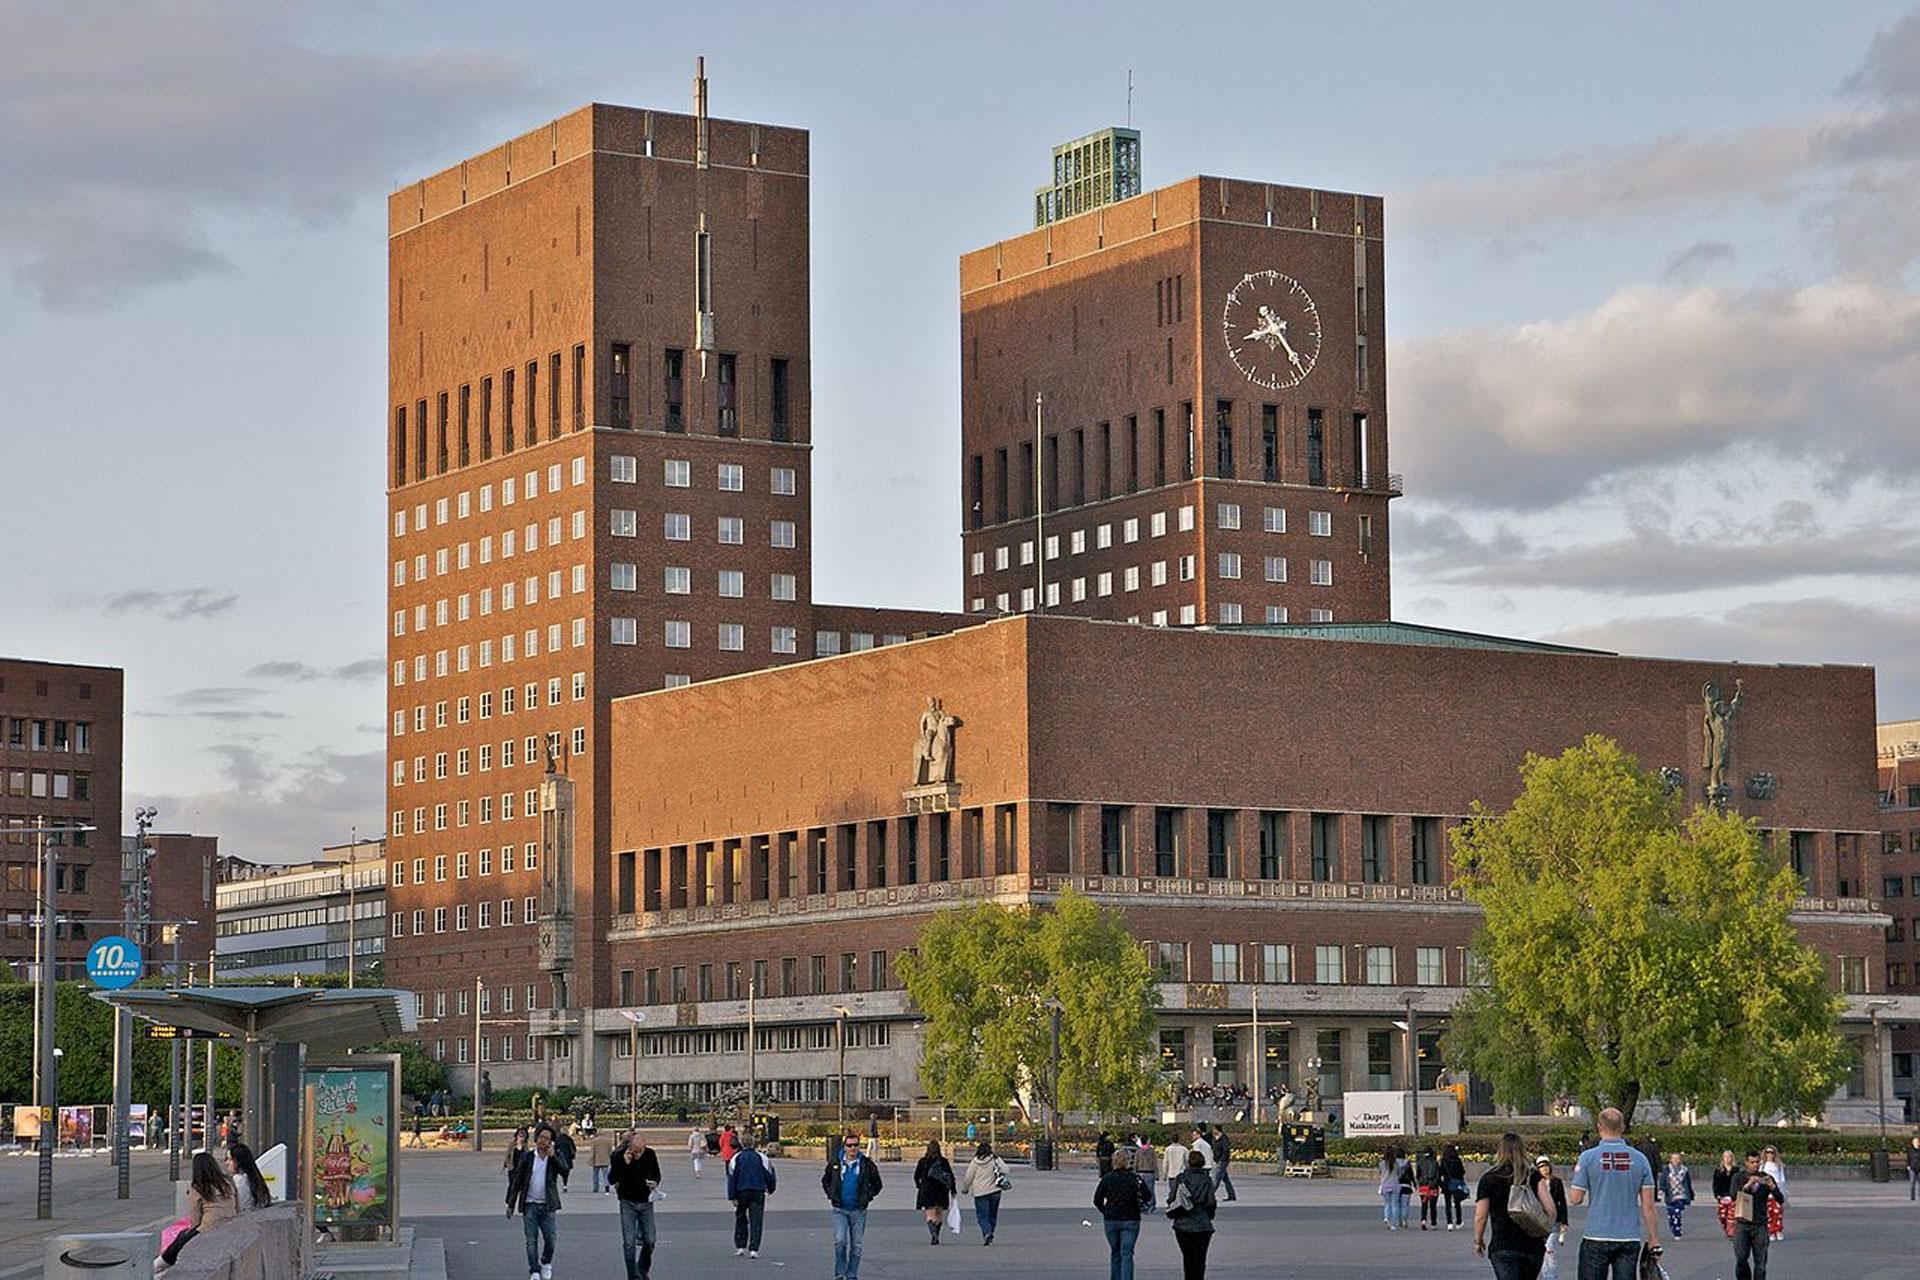 2019, oslo, city hall, norvege